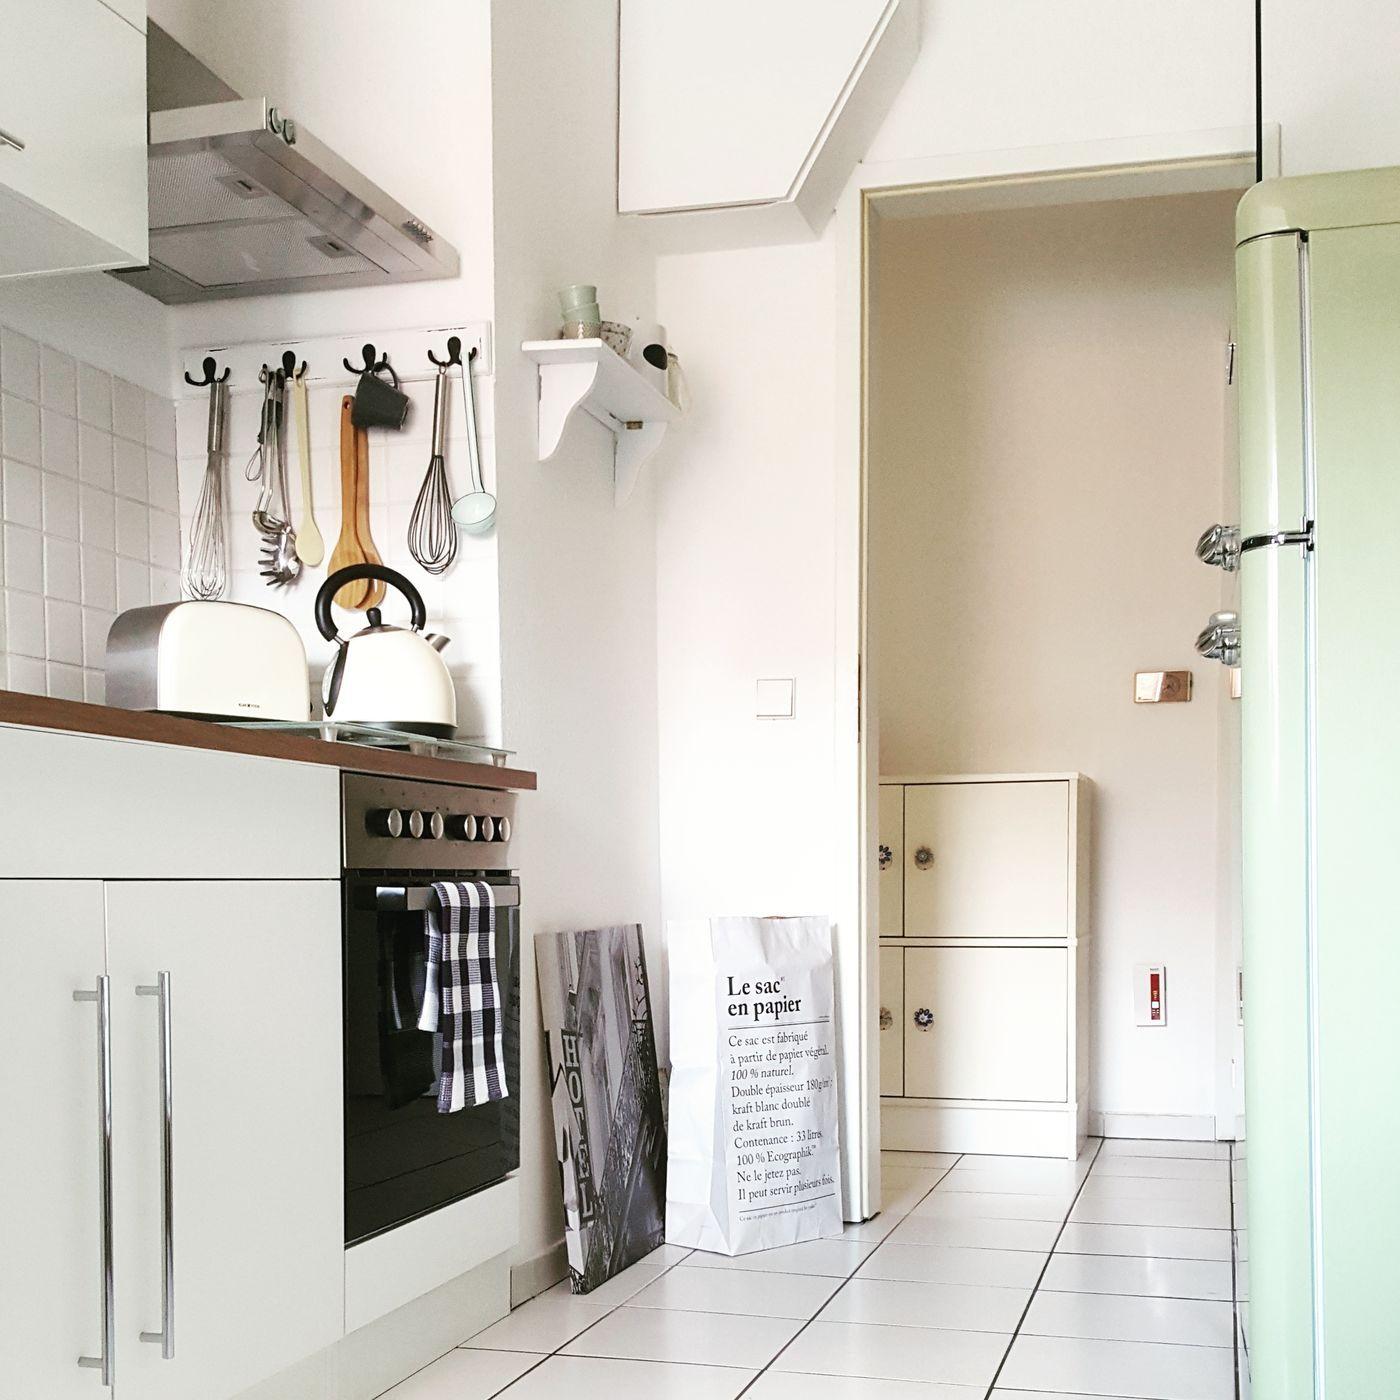 Tolle Bastelideen Für Ihre Küche Bilder - Küche Set Ideen ...